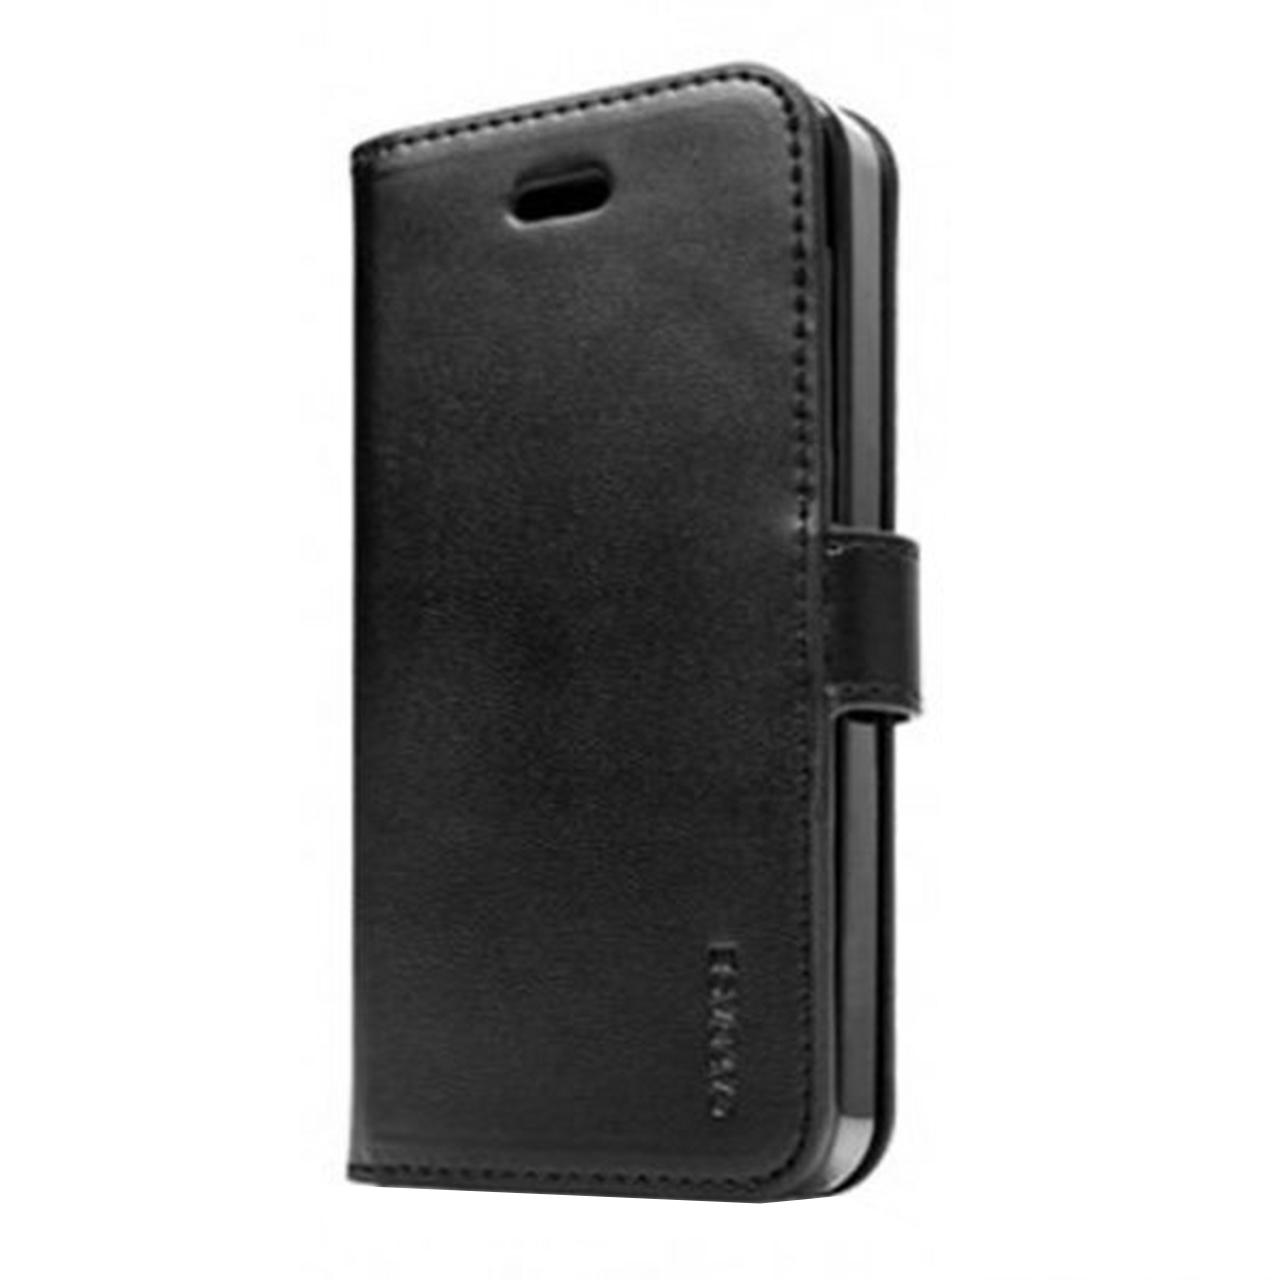 کیف کلاسوری کپدیس مدل sider-c مناسب برای گوشی موبایل اپل Iphone 5c